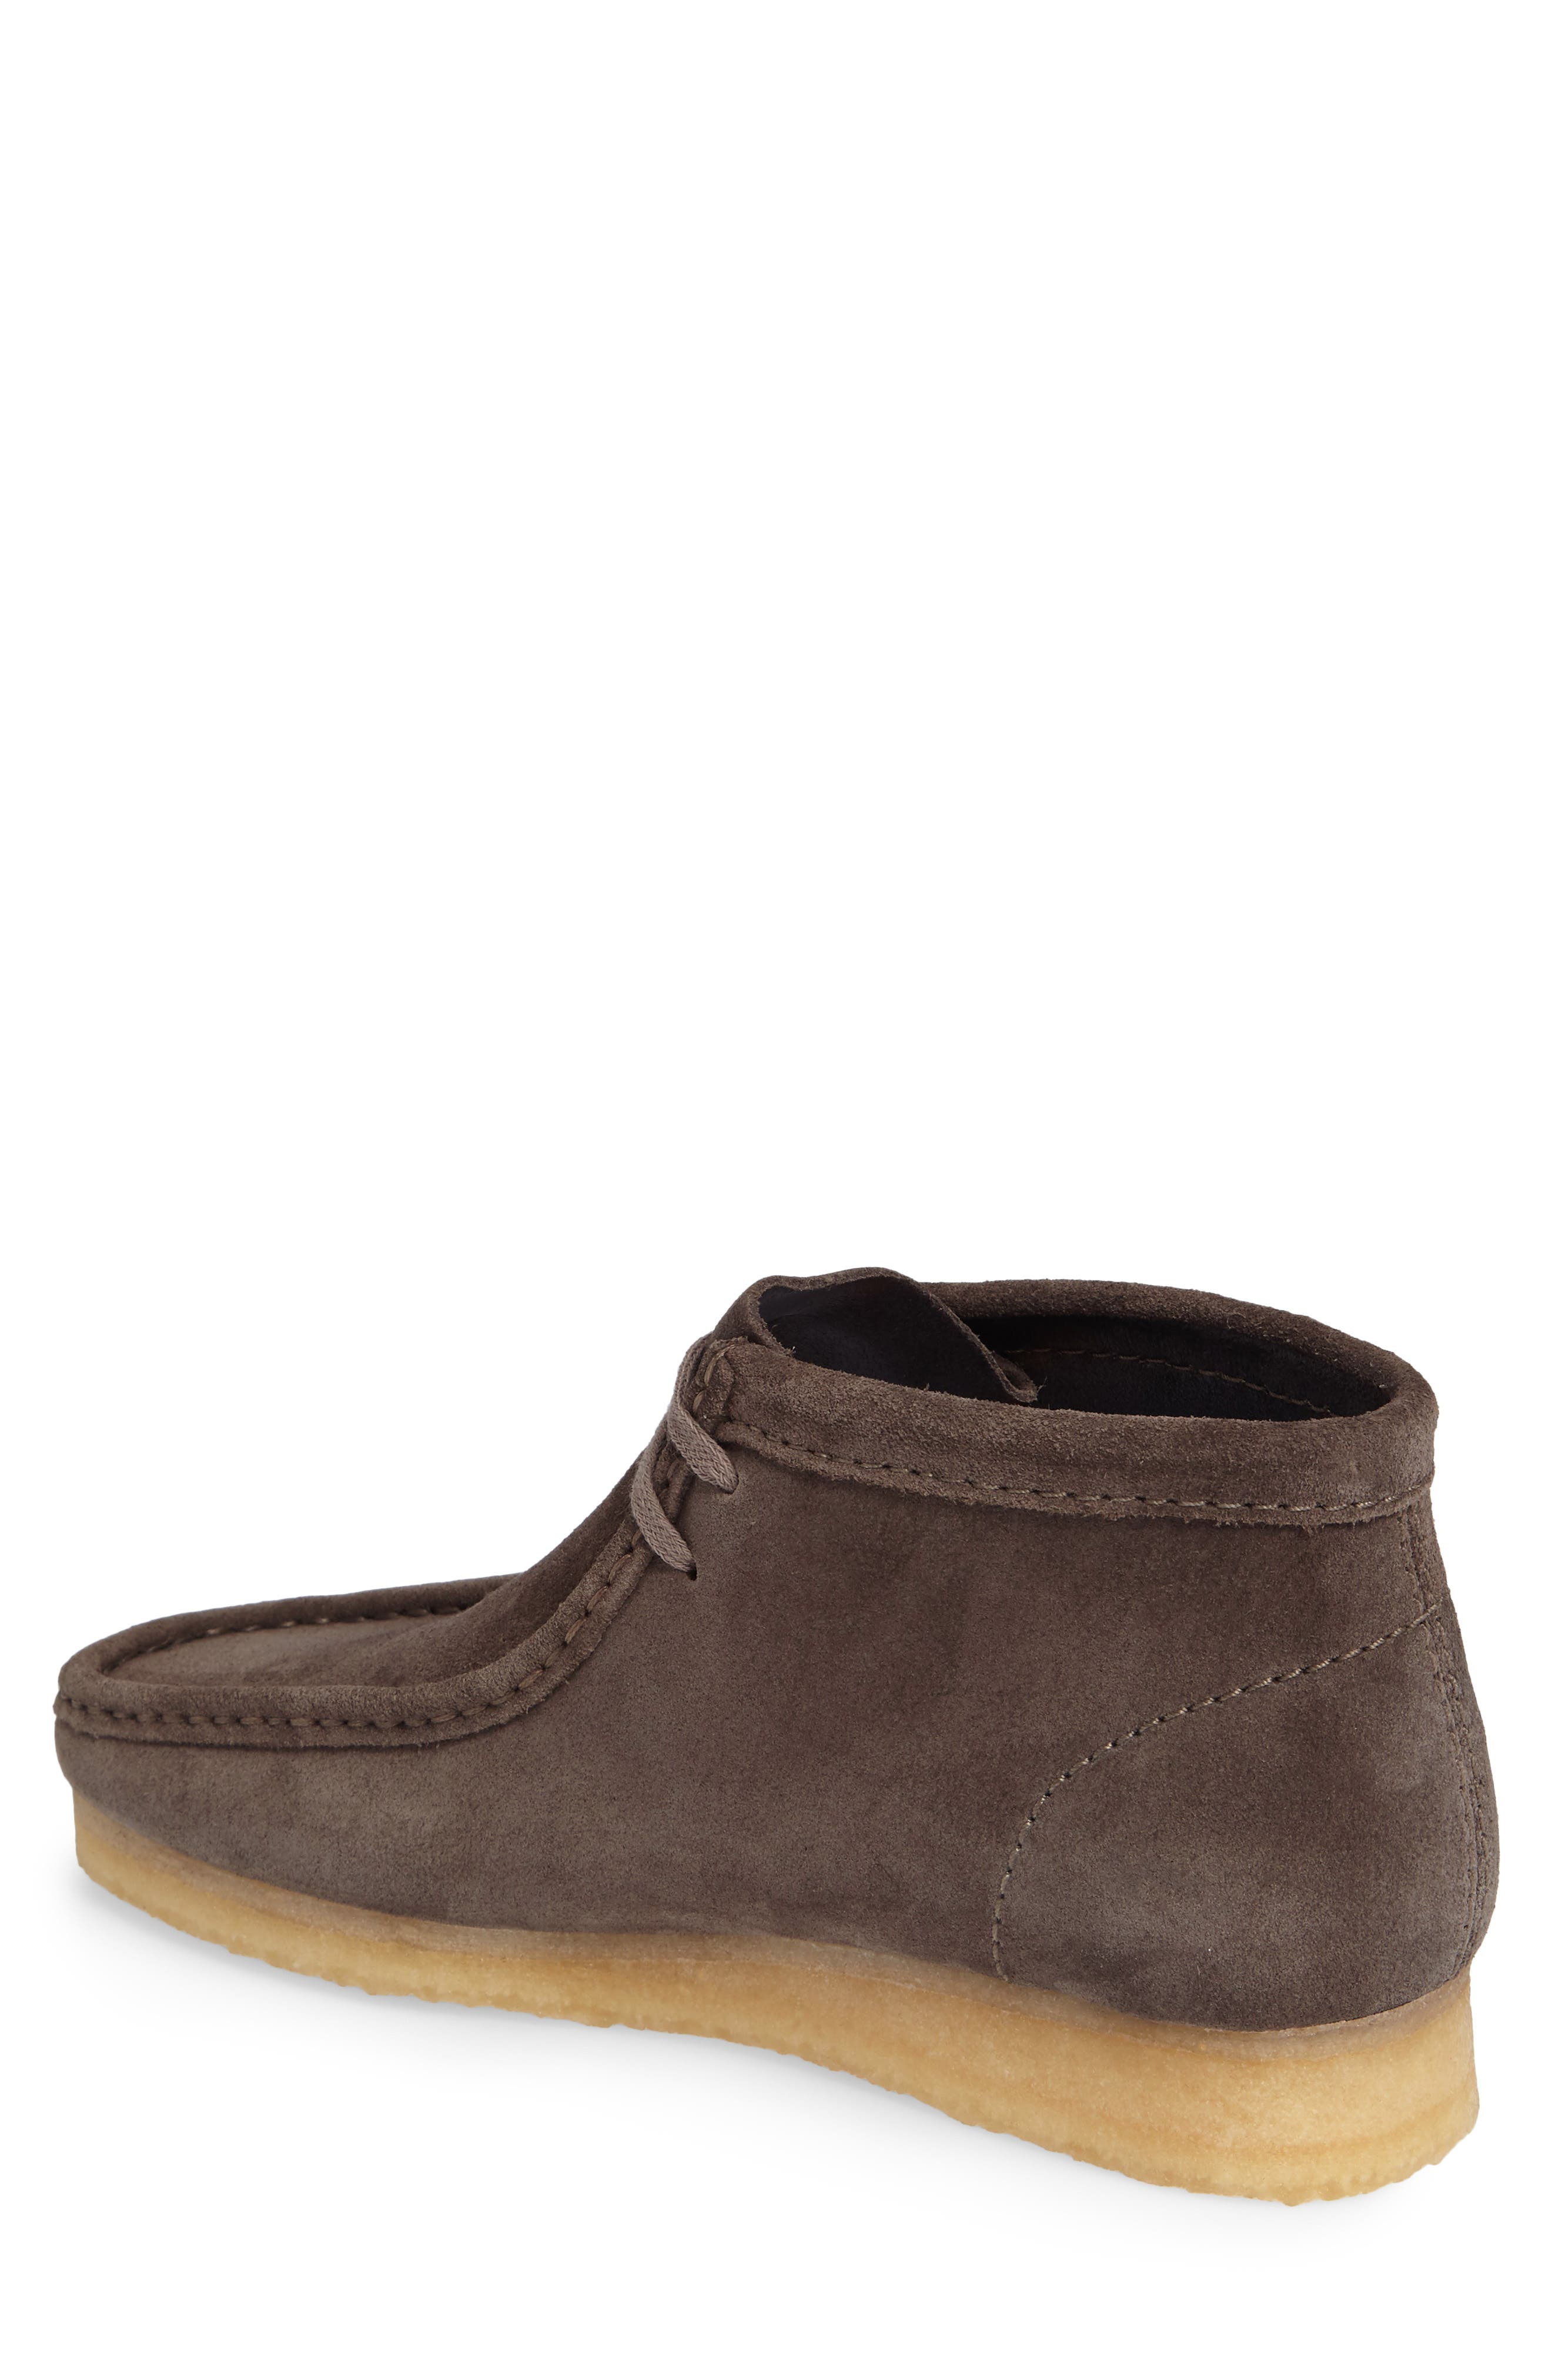 Alternate Image 2  - Clarks® Originals 'Wallabee' Boot   (Men)